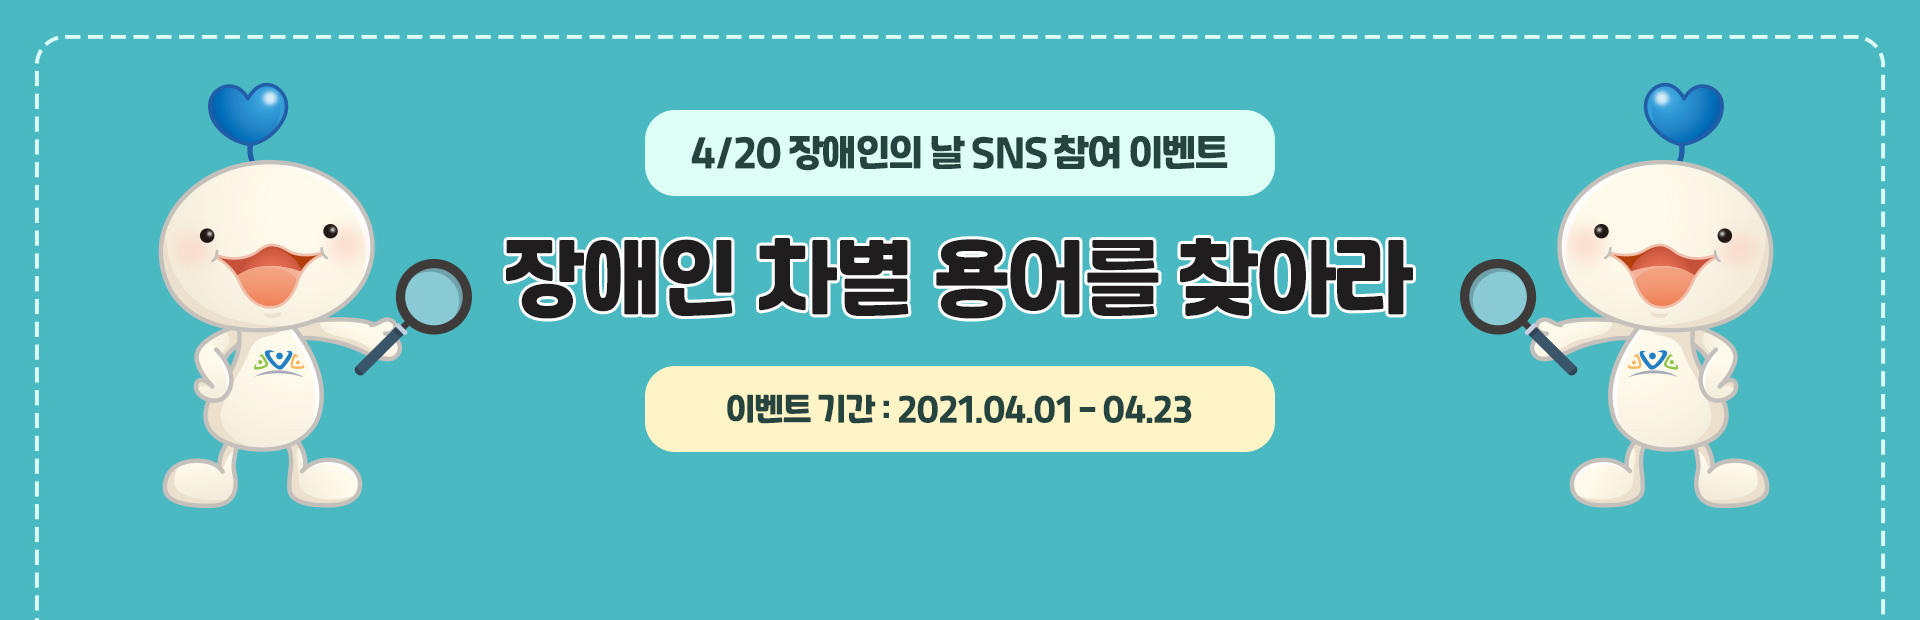 4/20 장애인의 날 SNS 참여 이벤트 장애인 차별 용어를 찾아라 이벤트 기간 : 2021.04.01-04.23